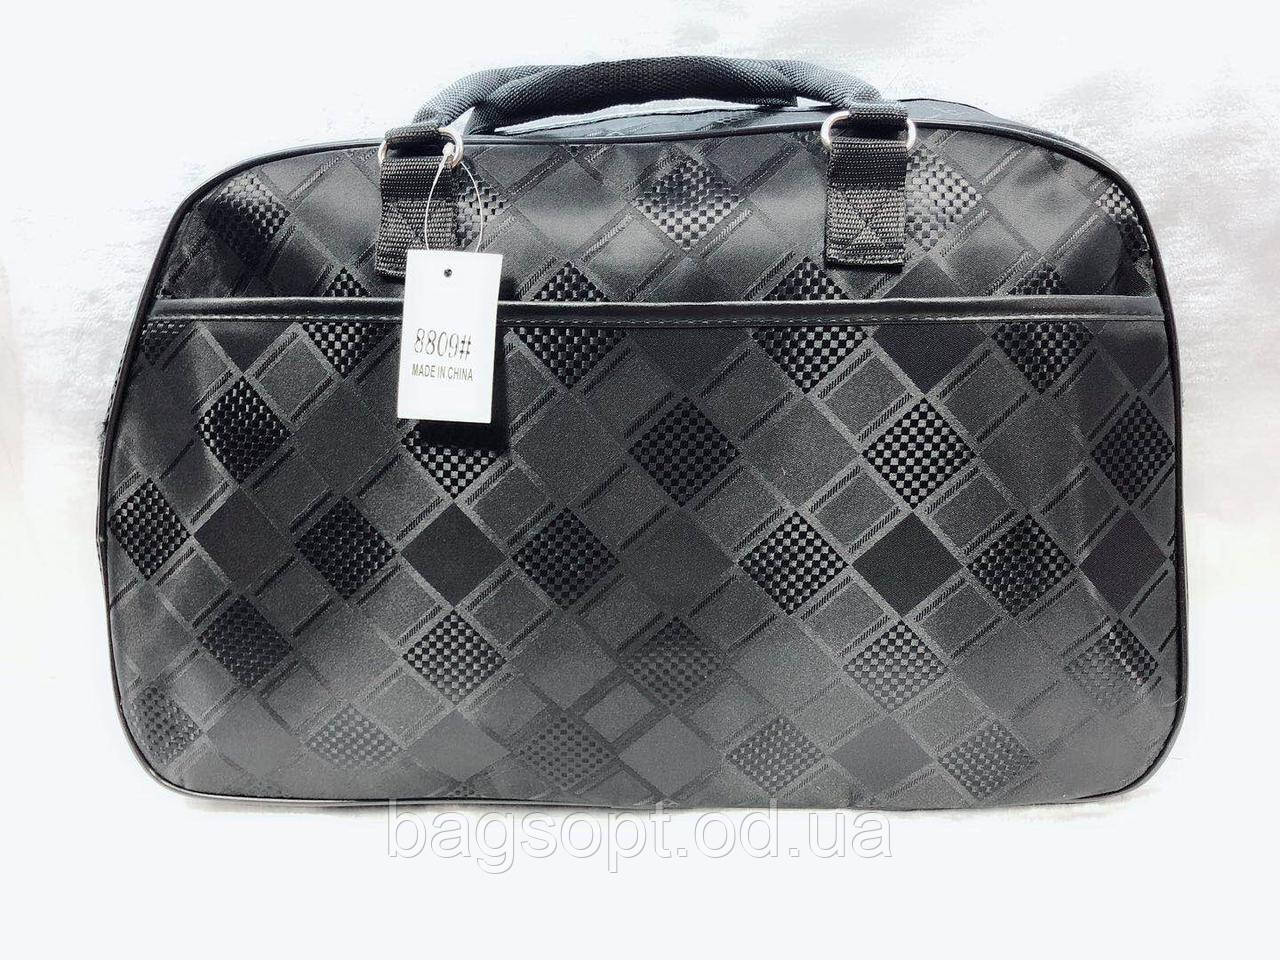 Дорожная черная сумка-саквояж женская в клетку удобная легкая